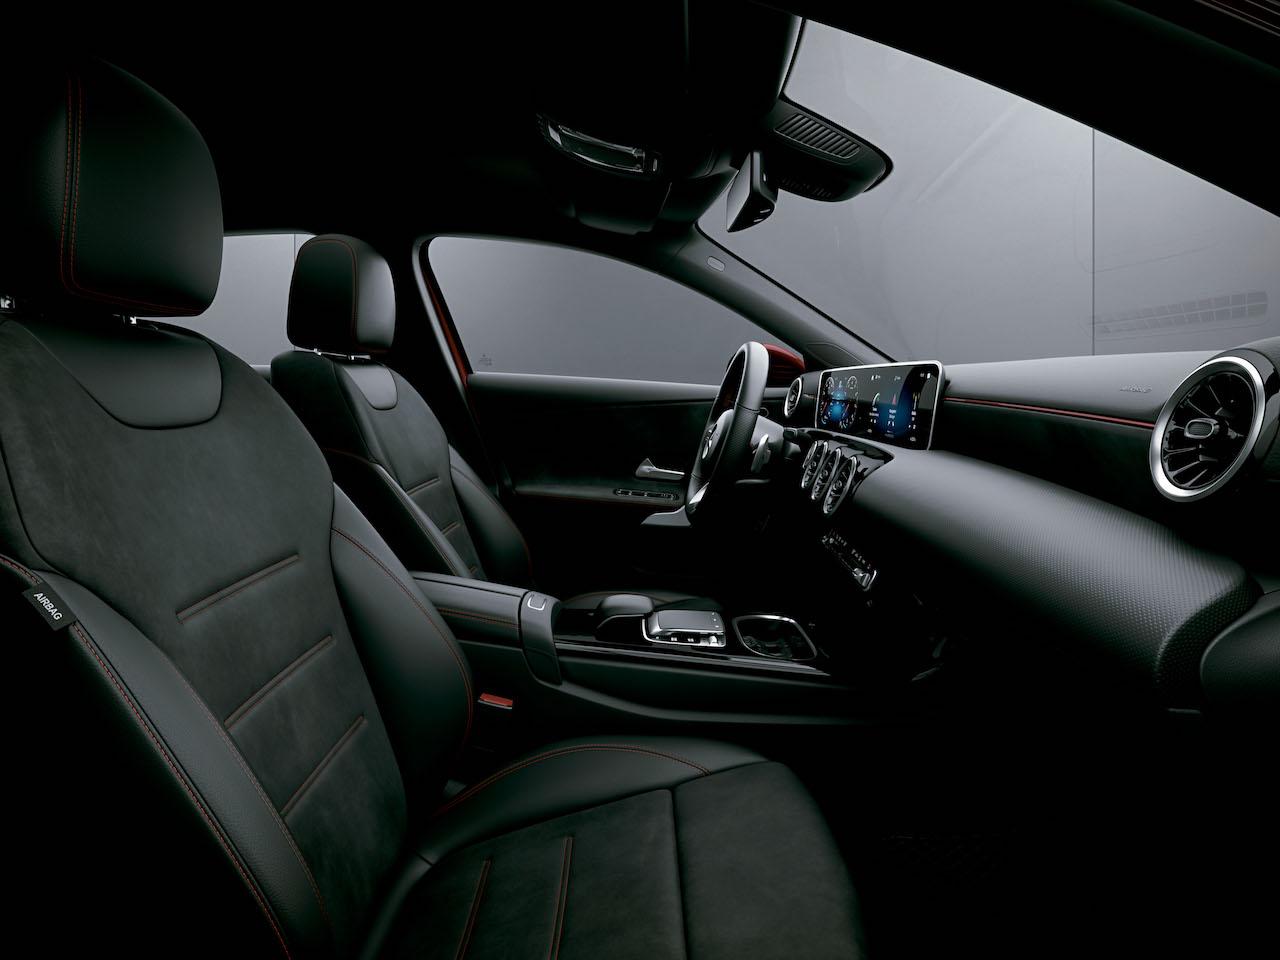 「【新車】メルセデス・ベンツからAクラス セダンが登場。4ドアクーペのような官能的なスタイリングで魅せる」の5枚目の画像